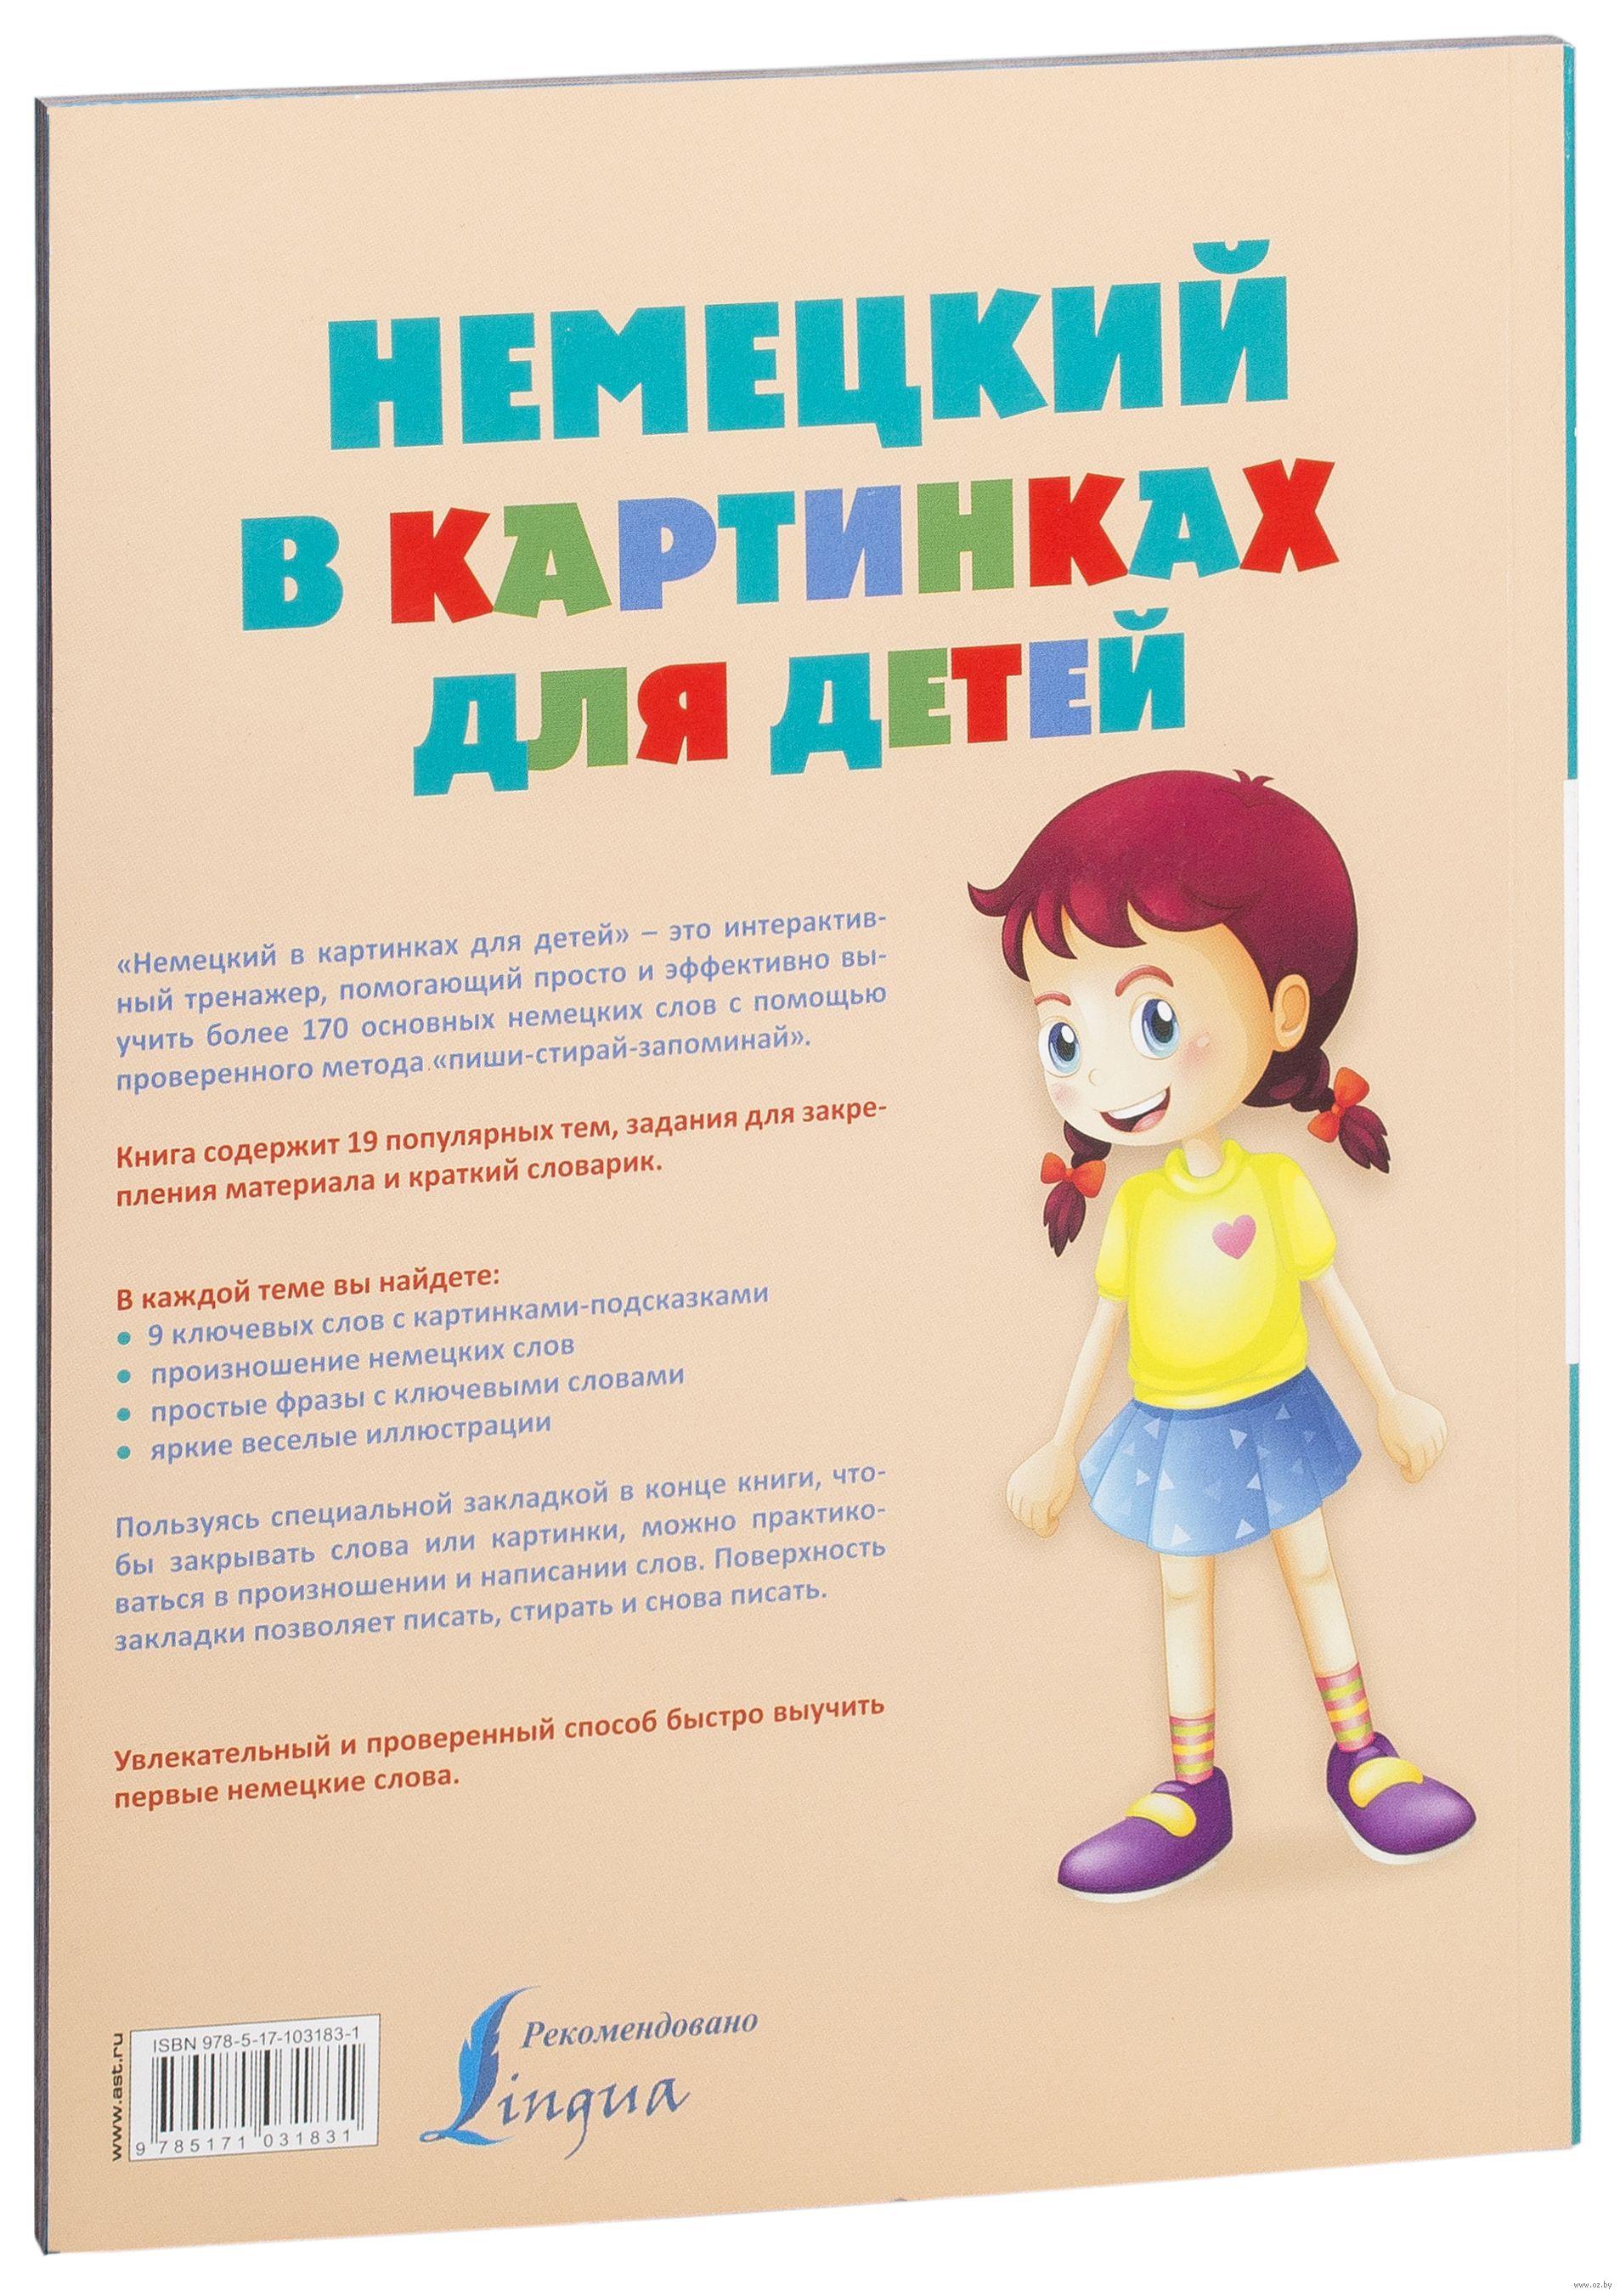 ... Немецкий в картинках для детей. Интерактивный тренажер с суперзакладкой  — фото, картинка — 6 d4ed6c97c2e